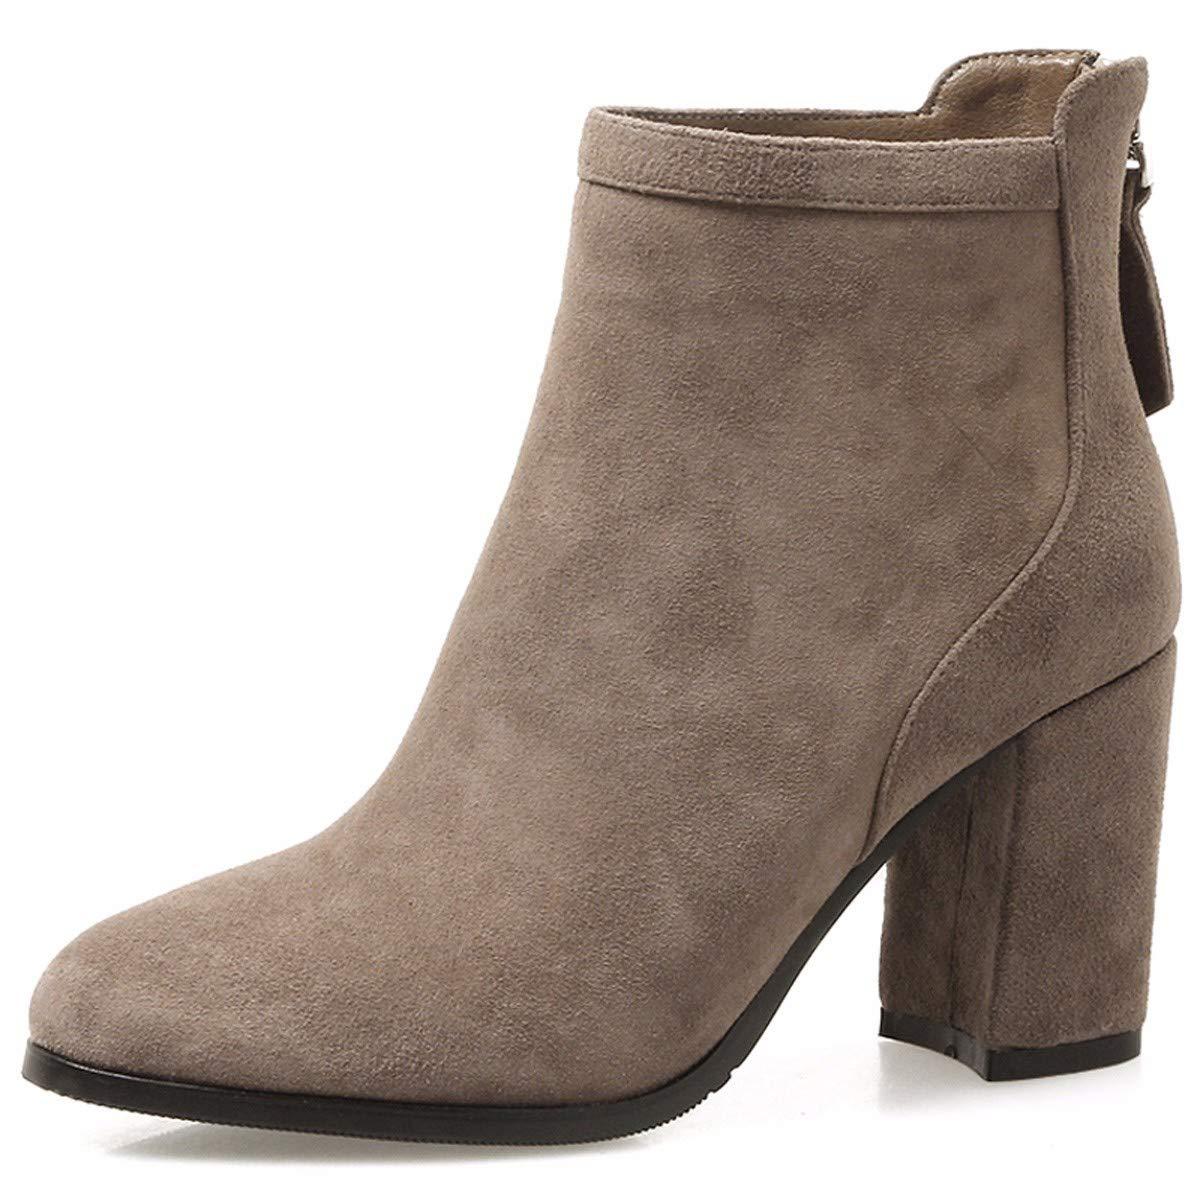 HBDLH Damenschuhe Stiefel, Meine Damen, Kurze Stiefel, High Heels 6 cm, Nackt, Stiefel, Martin Stiefel, Frauen - Stiefel.